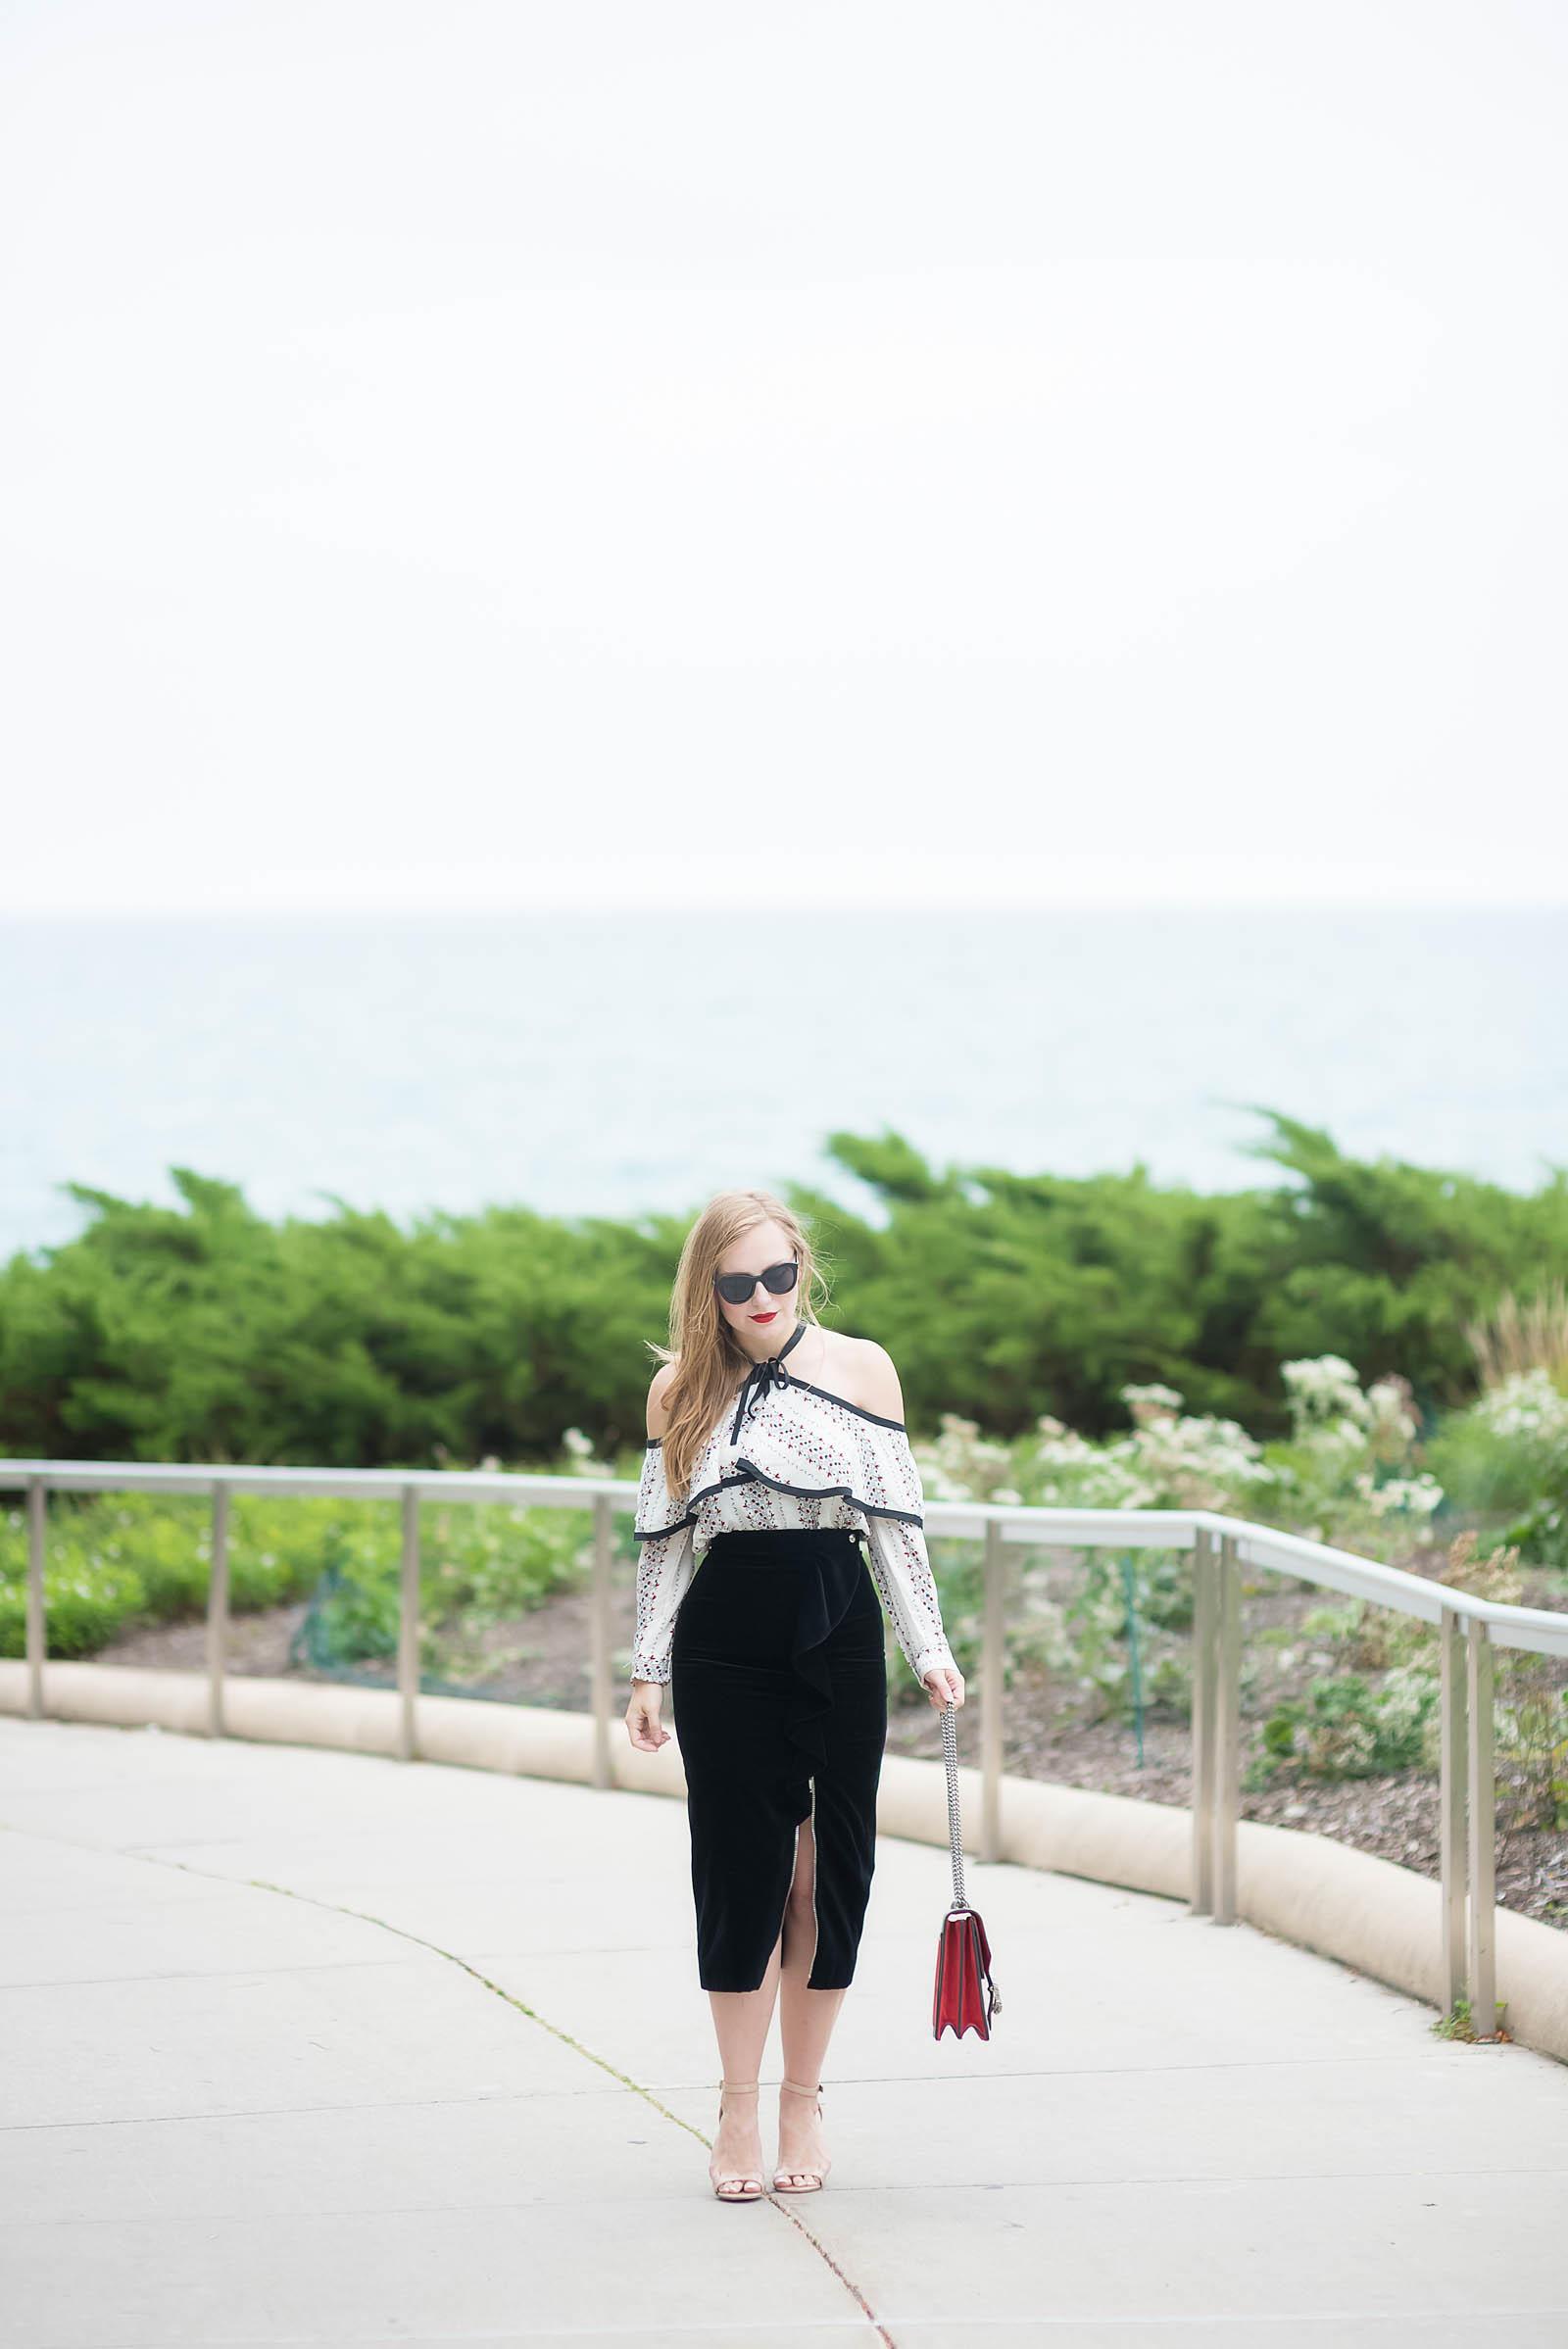 Velvet Holiday Ruffle Style Inspiration